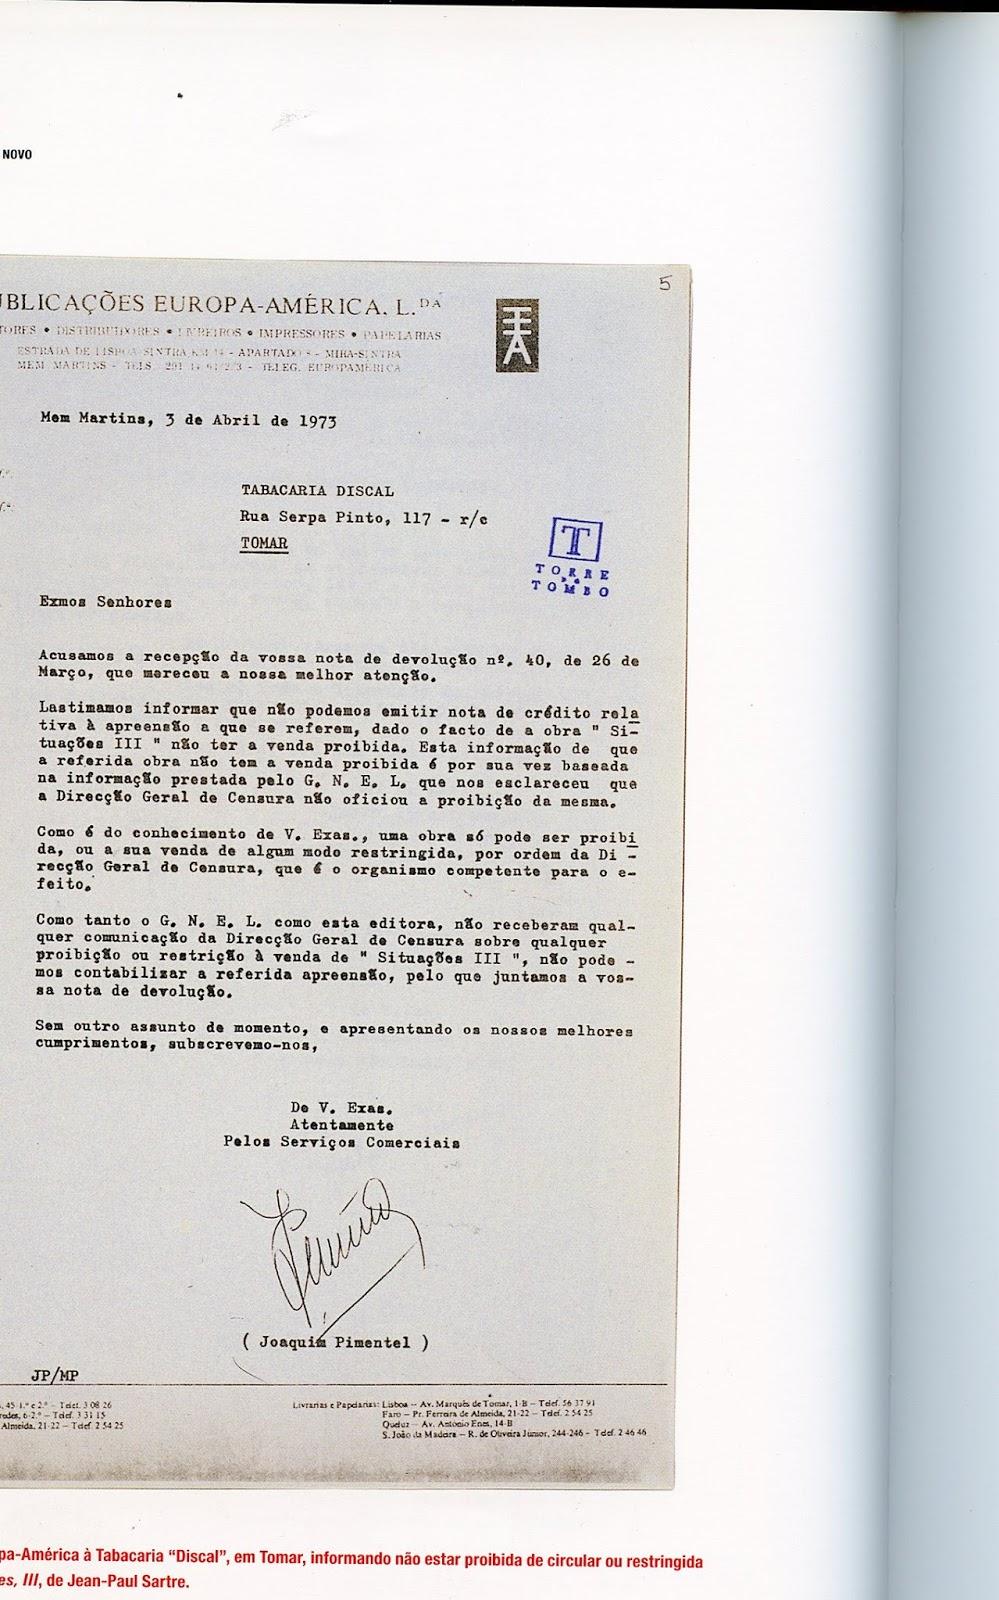 D sua opinio sobre a proibio de algumas propagandas da Red a1519420eec